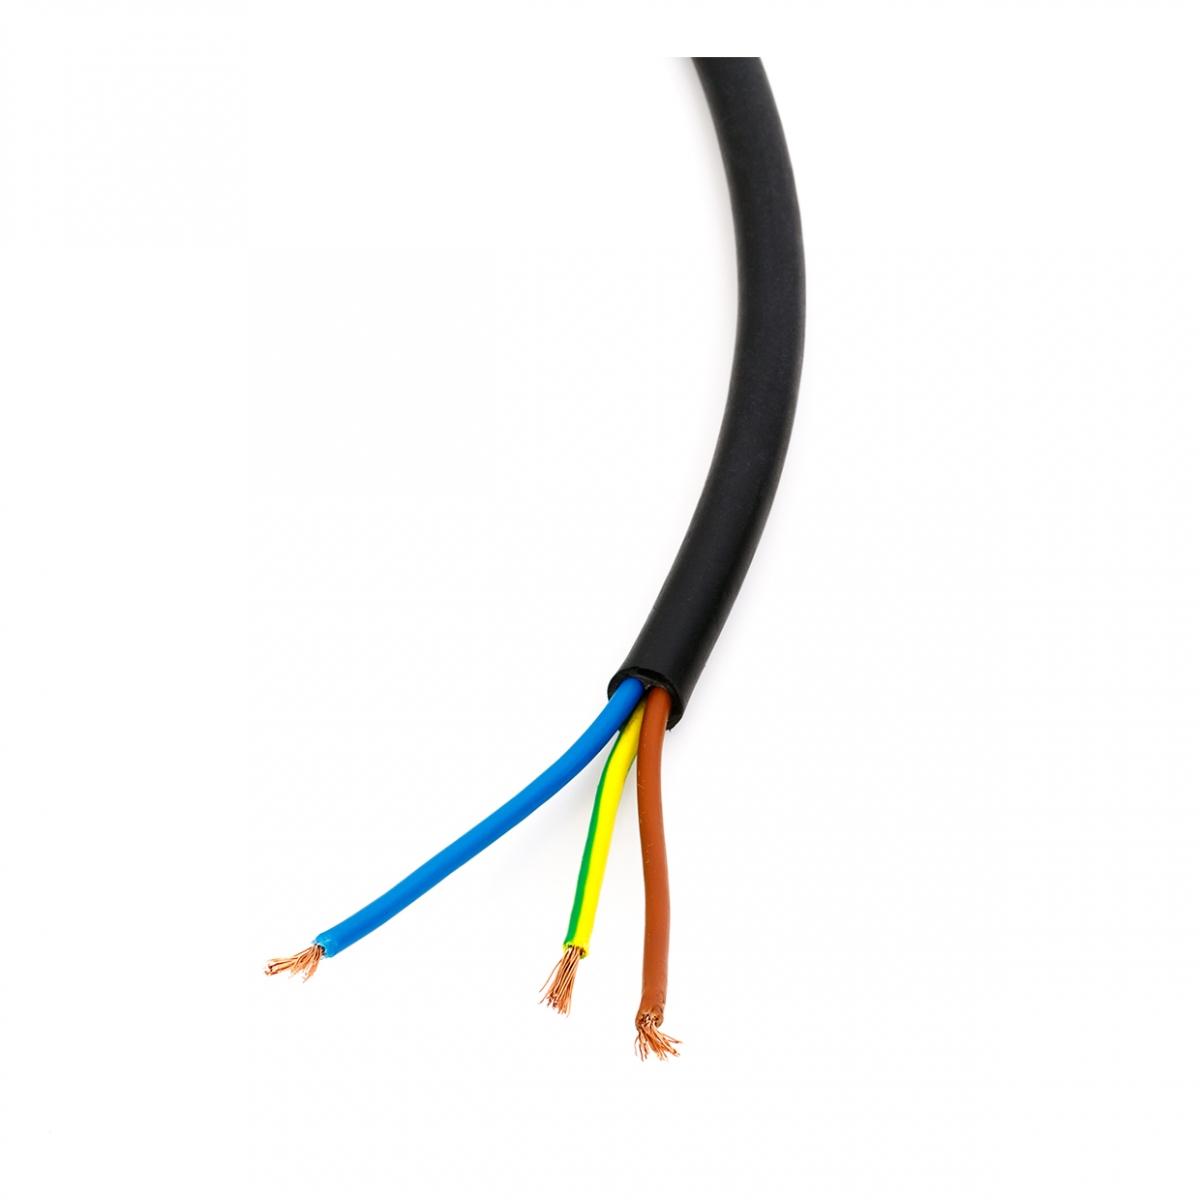 Imagen en la que se ve un cable